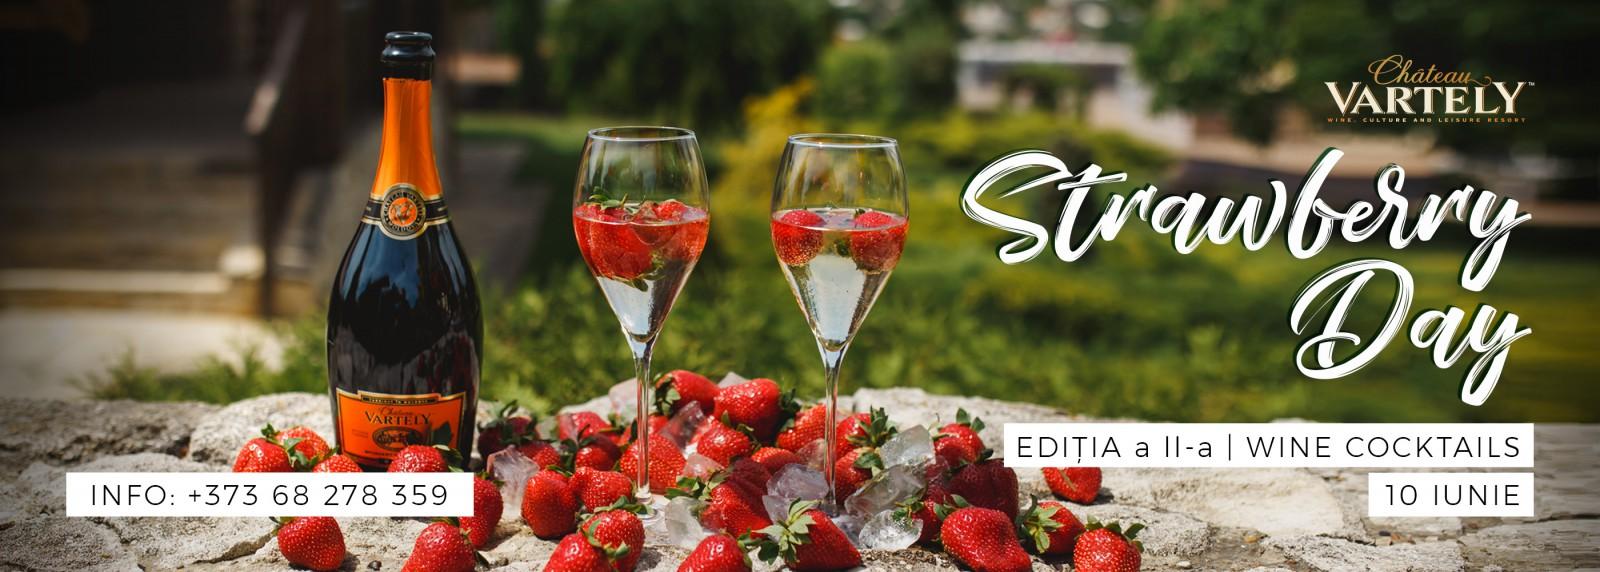 STRAWBERRY DAY   WINE COCKTAILS de Château Vartely revine cu o nouă ediție